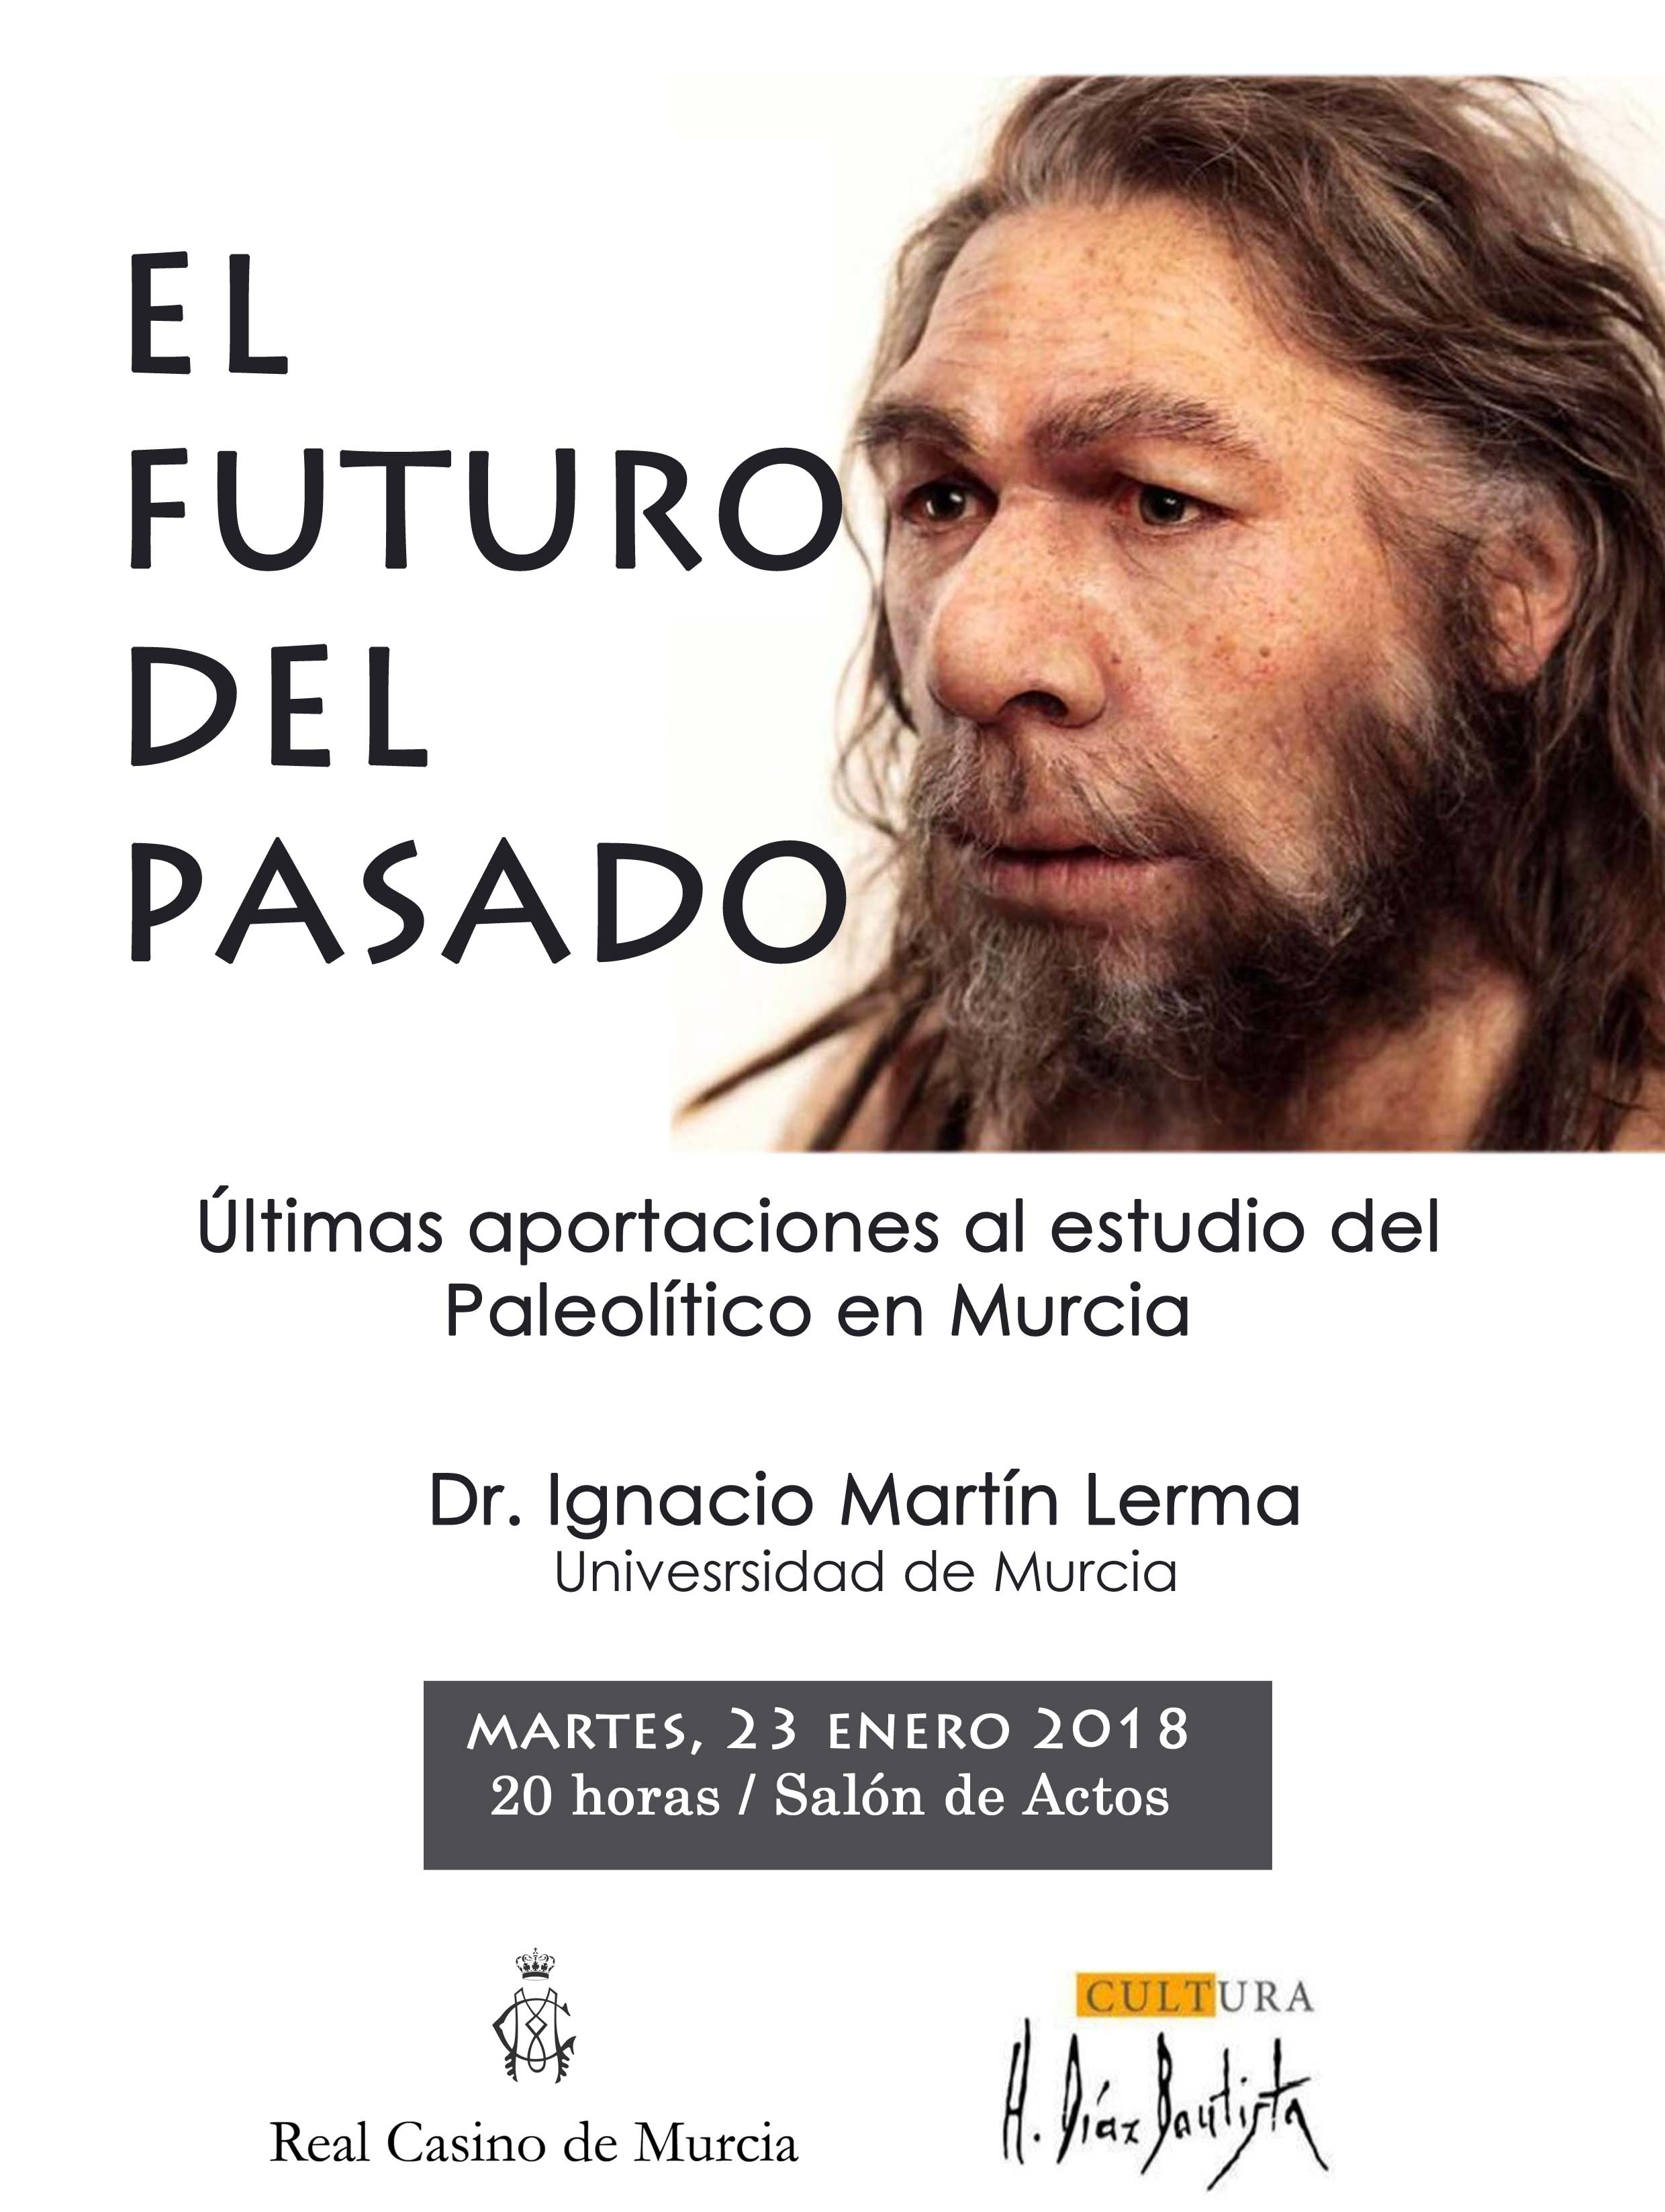 Charla sobre el Paleolítico en Murcia, con el Real Casino de Murcia